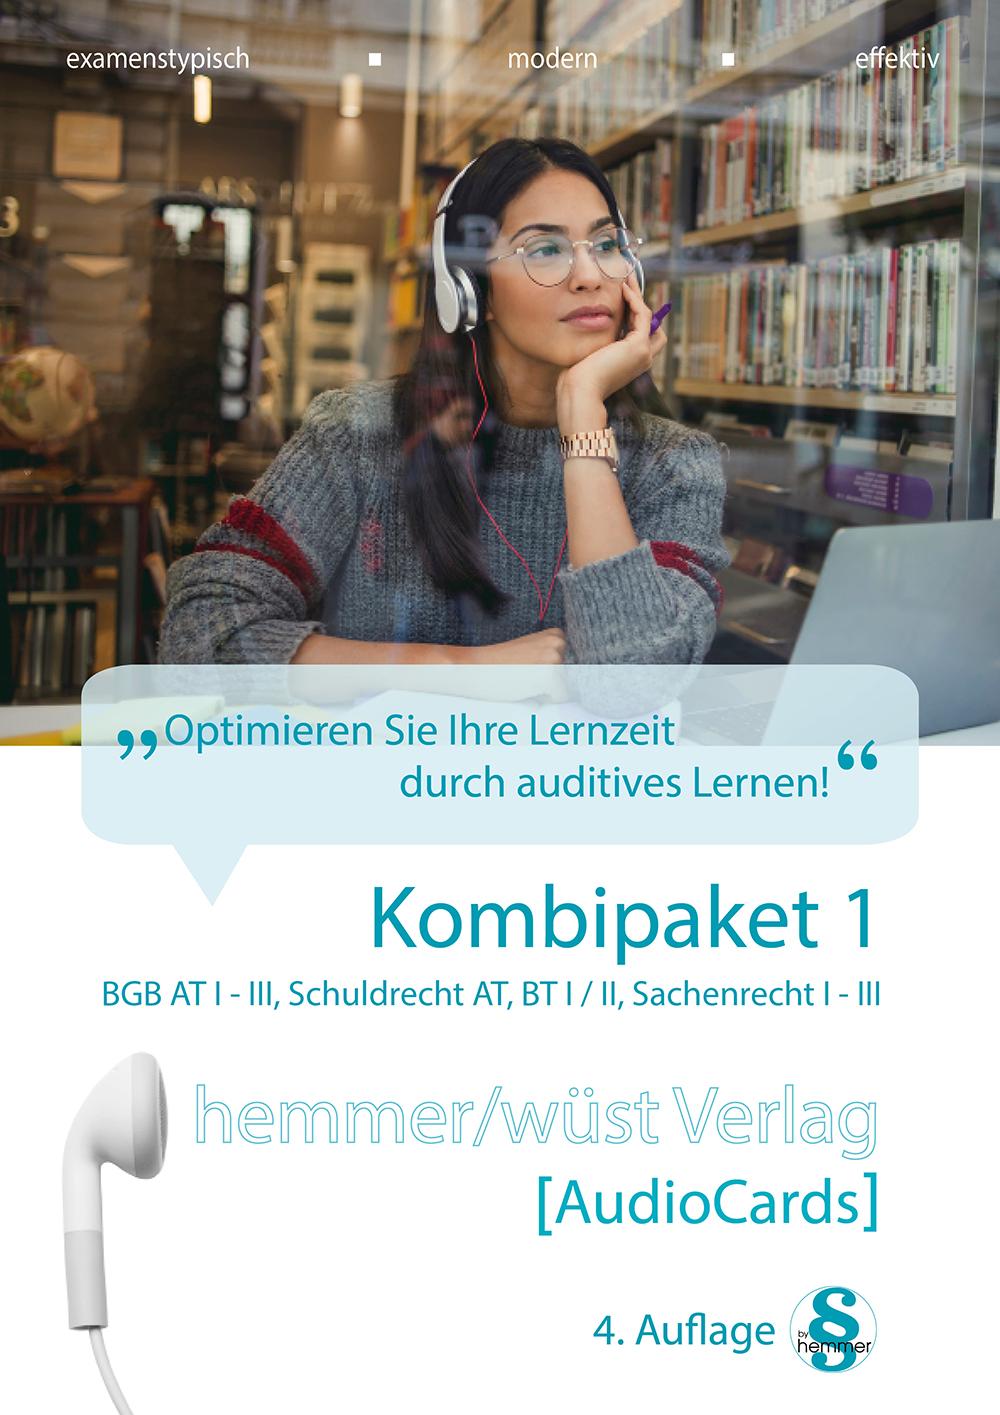 Audiocards - Kombipaket 1 - BGB AT, Schuldrecht und Sachenrecht - Download